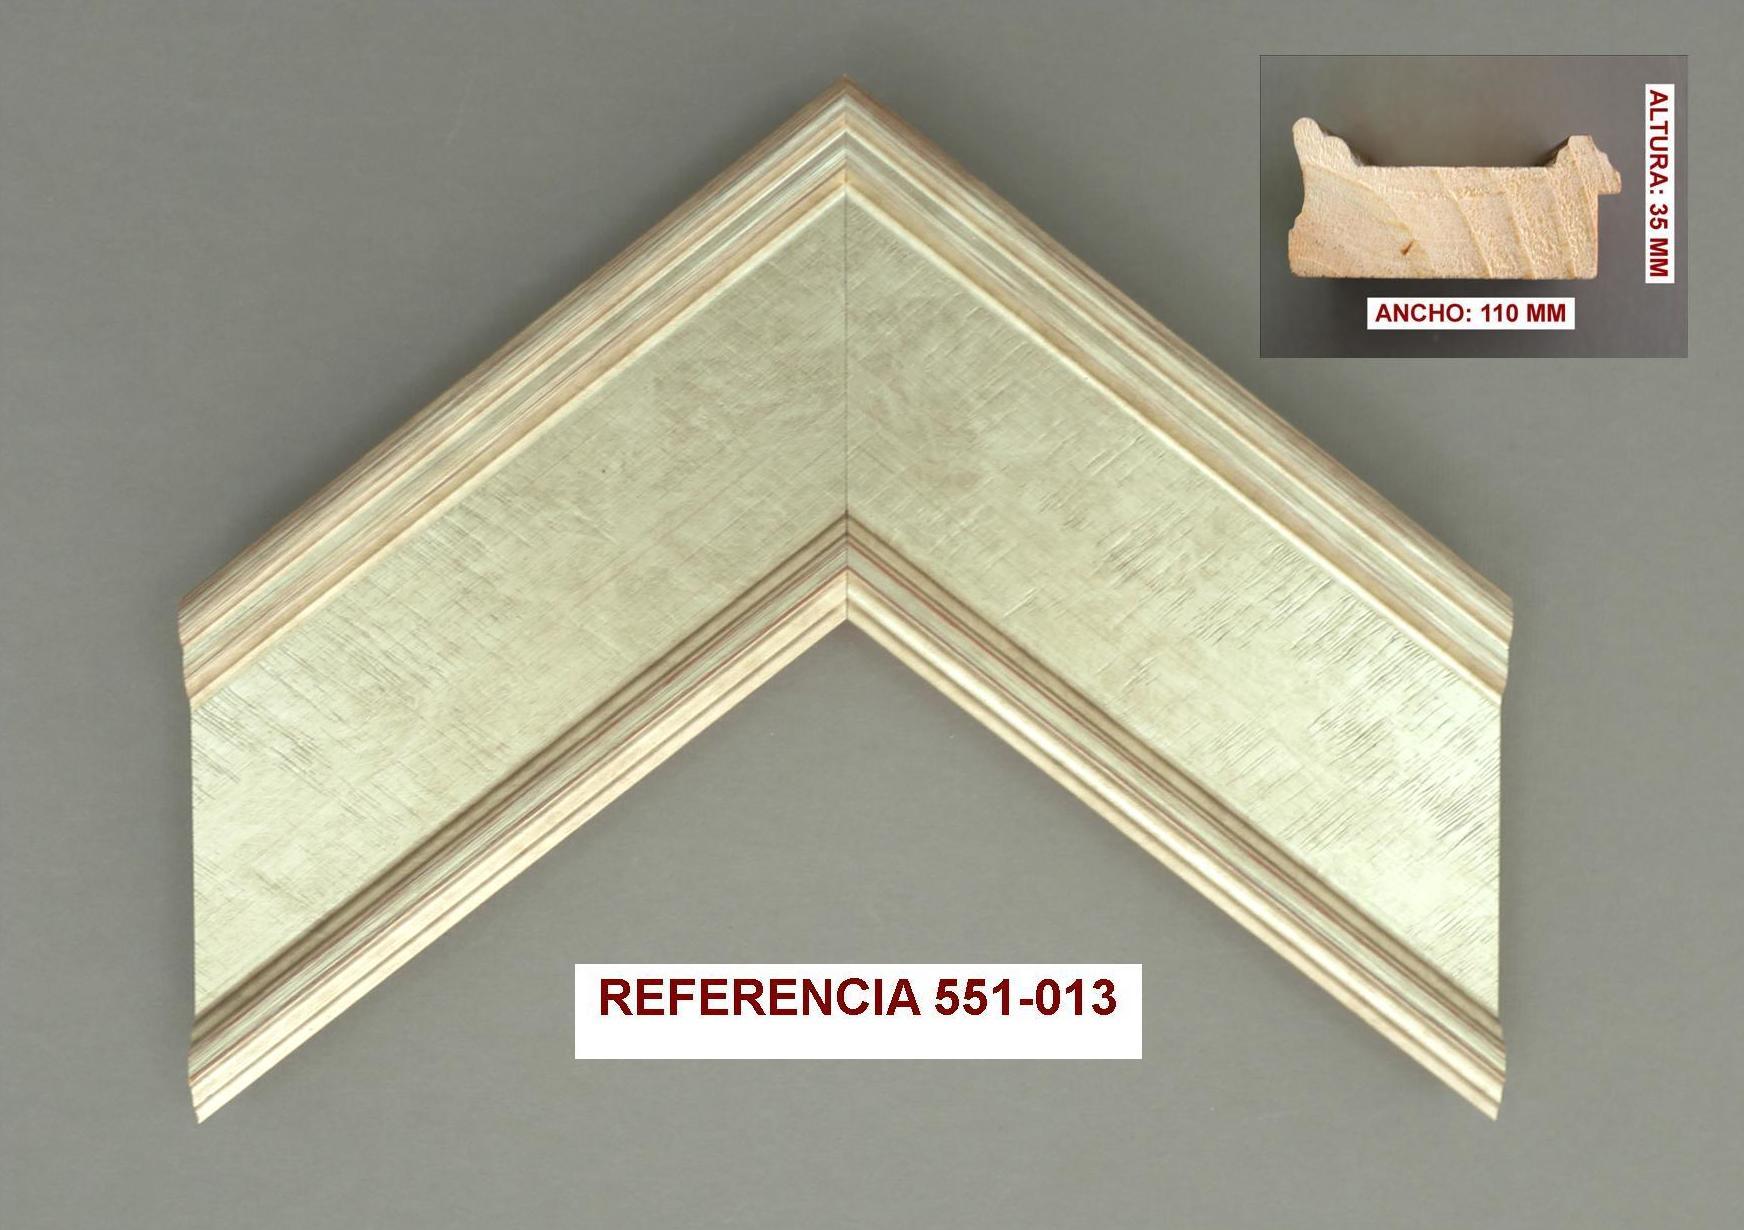 REF 551-013: Muestrario de Moldusevilla